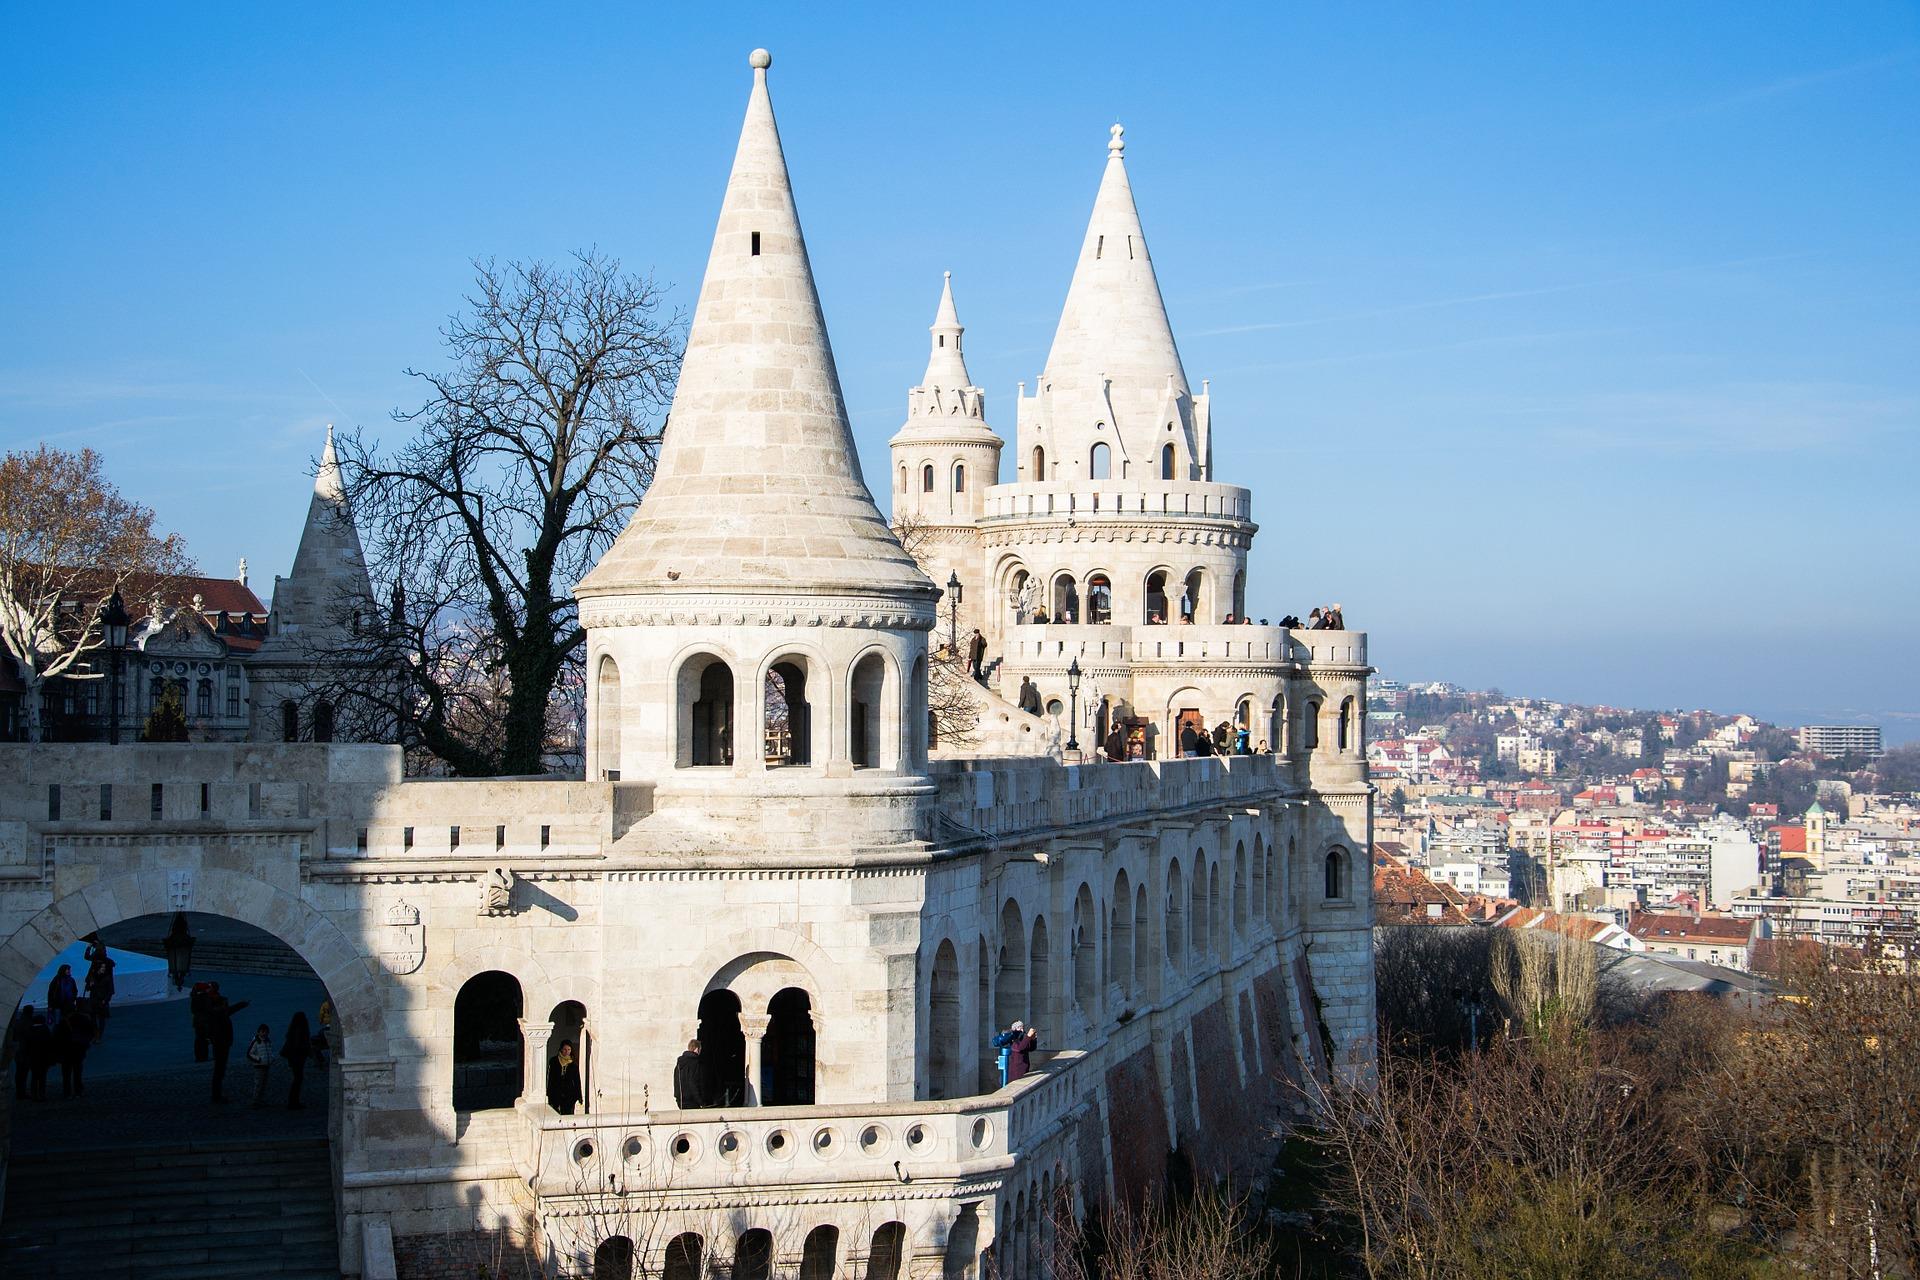 Vor Sehenswüridgkeiten werden Sie überschwemmt in der ungarischen Hauptstadt